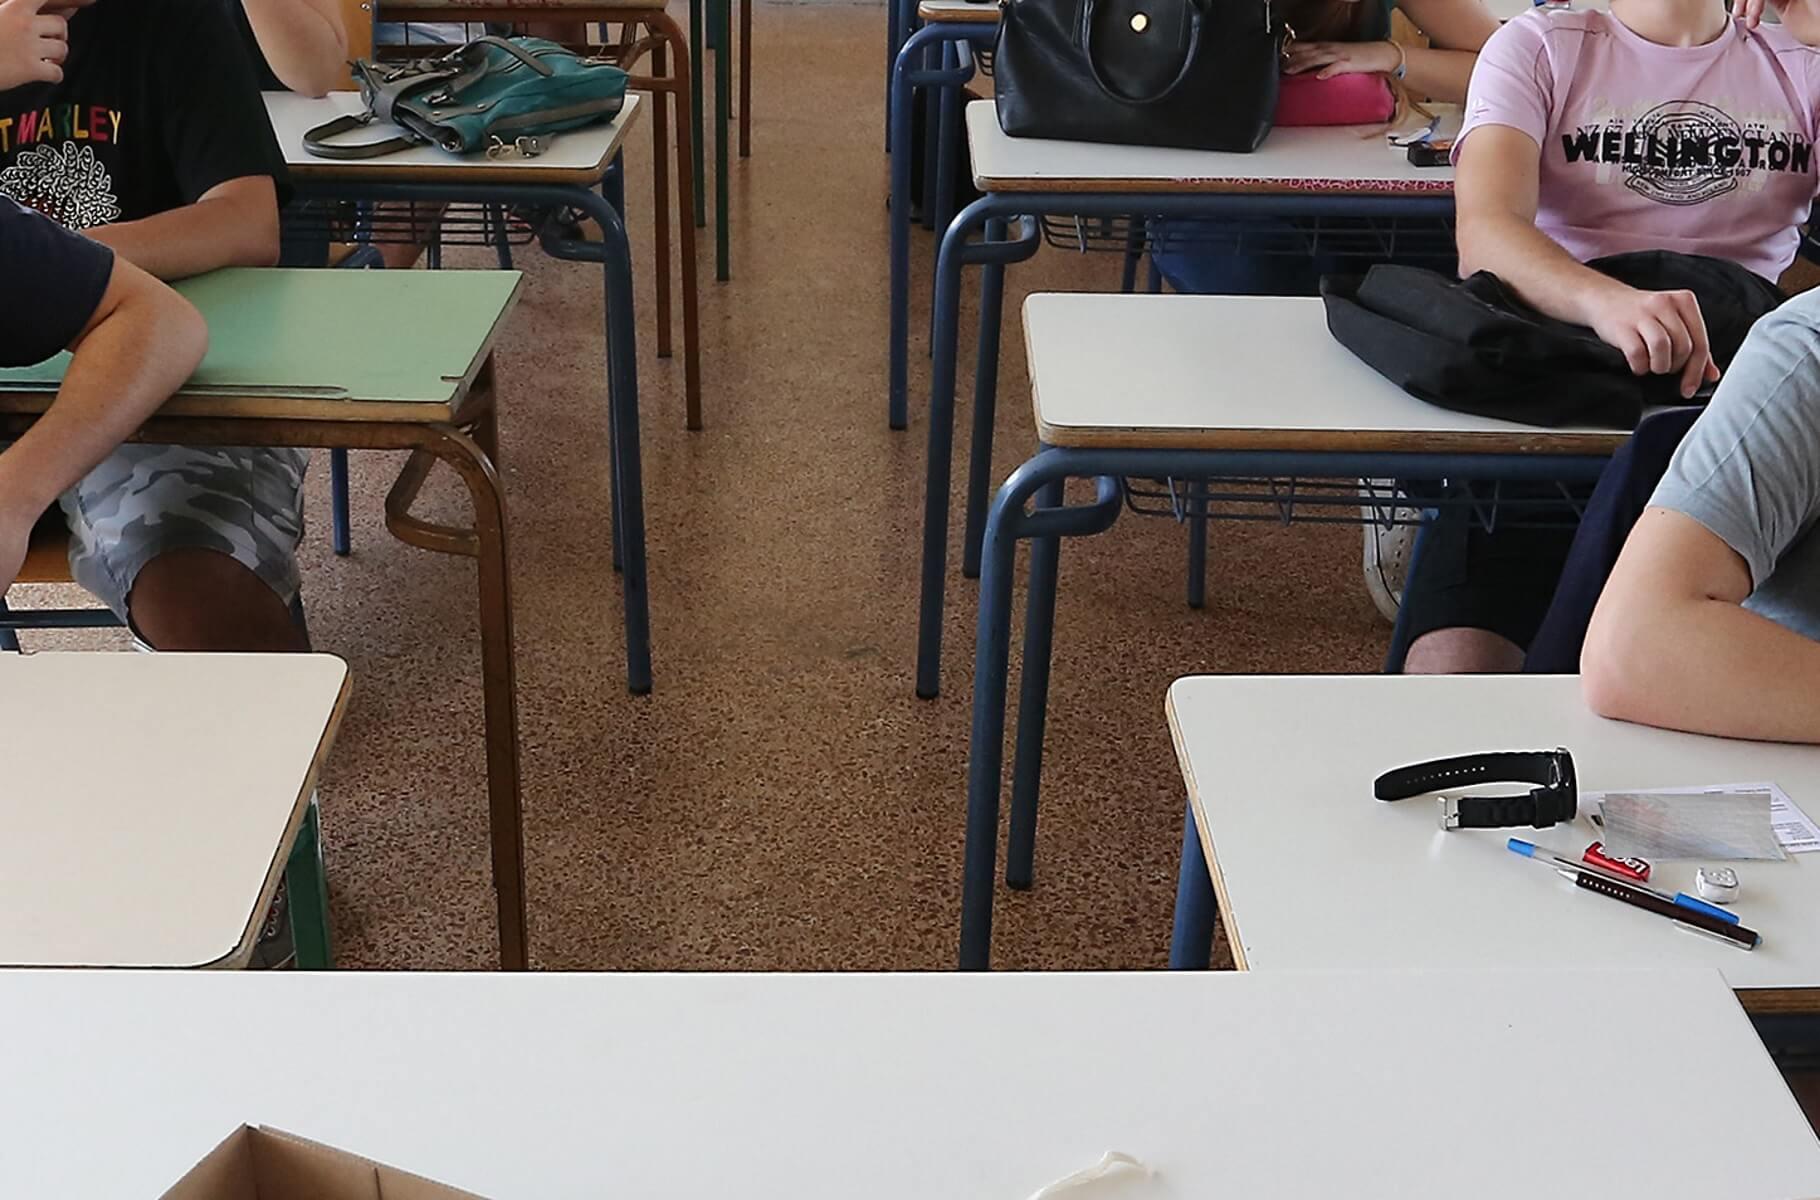 Θεσσαλονίκη: Συνεχίζουν τις κινητοποιήσεις τους οι καθηγητές φροντιστηρίων